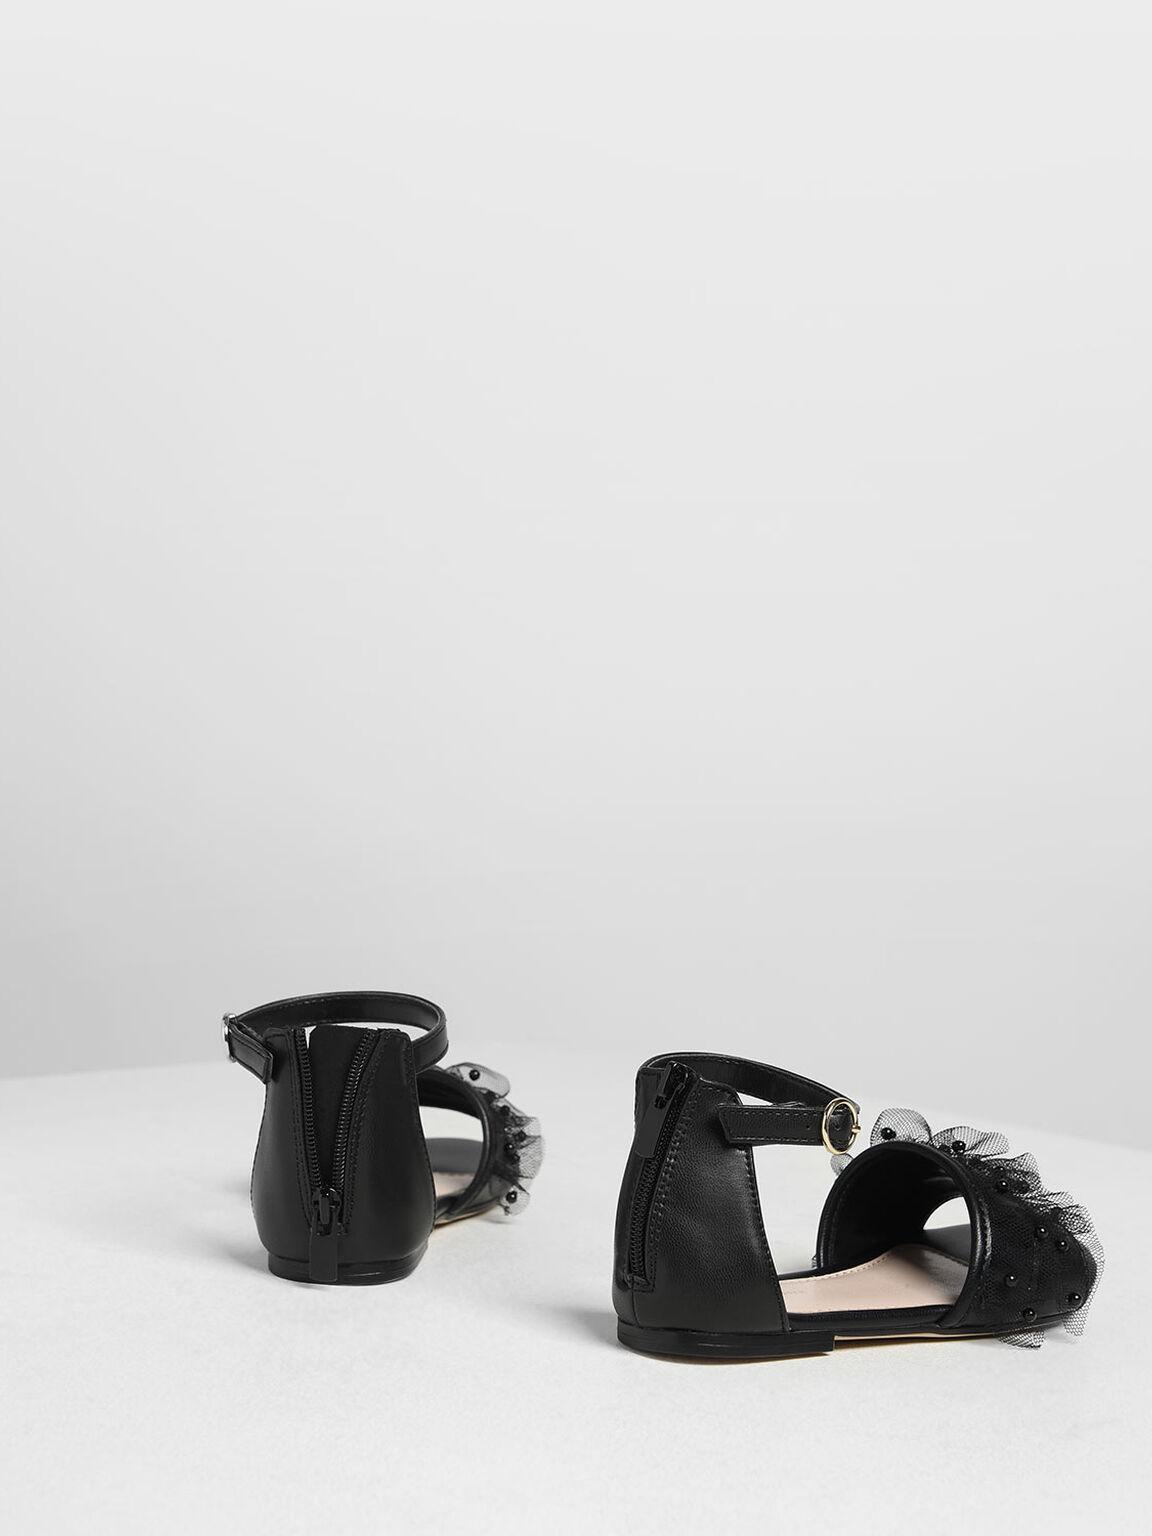 Kids' Lace & Beads Trimmed Sandals, Black, hi-res